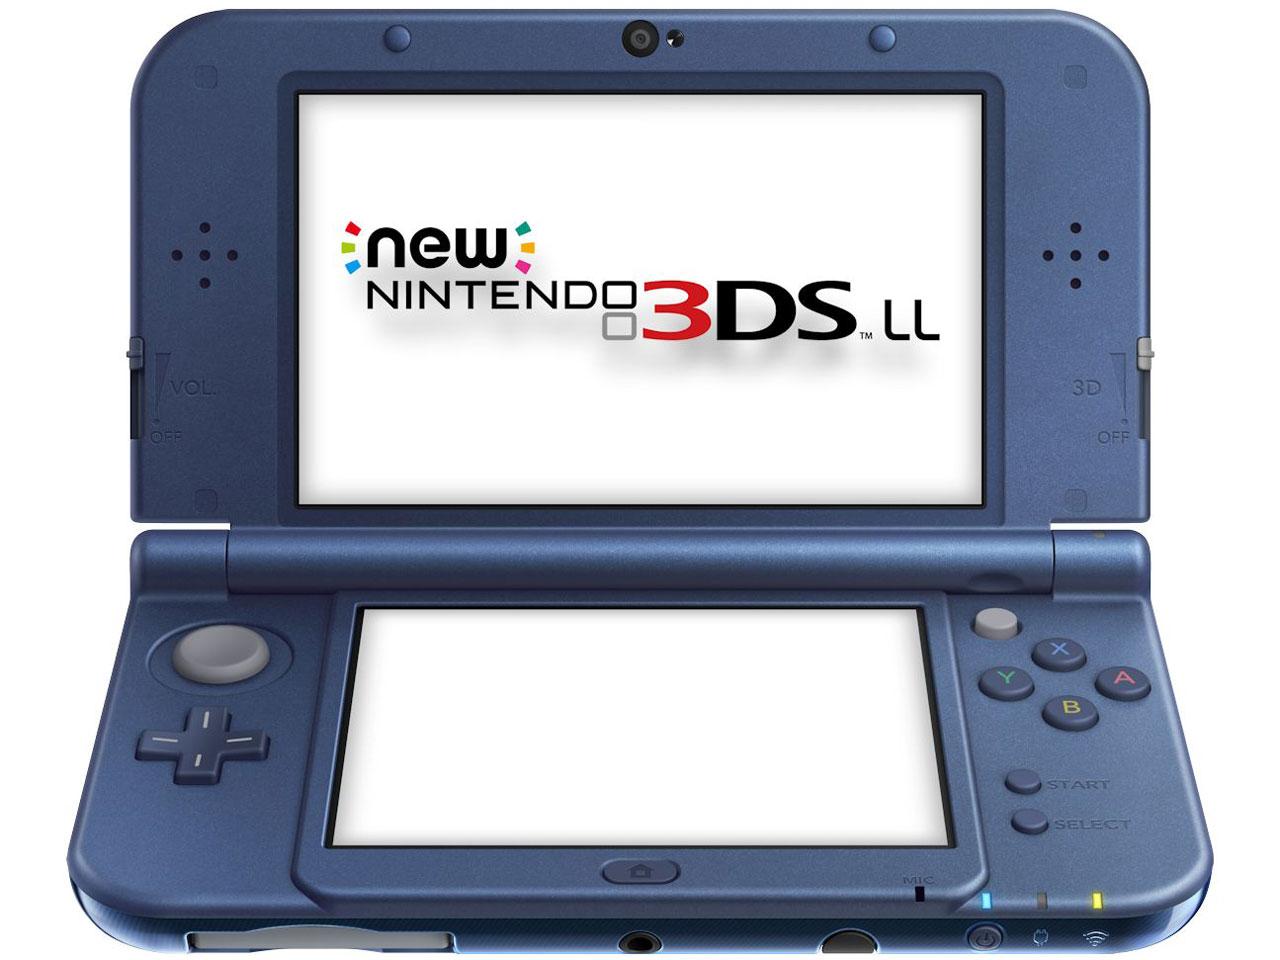 『本体2』 Newニンテンドー3DS LL メタリックブルー の製品画像